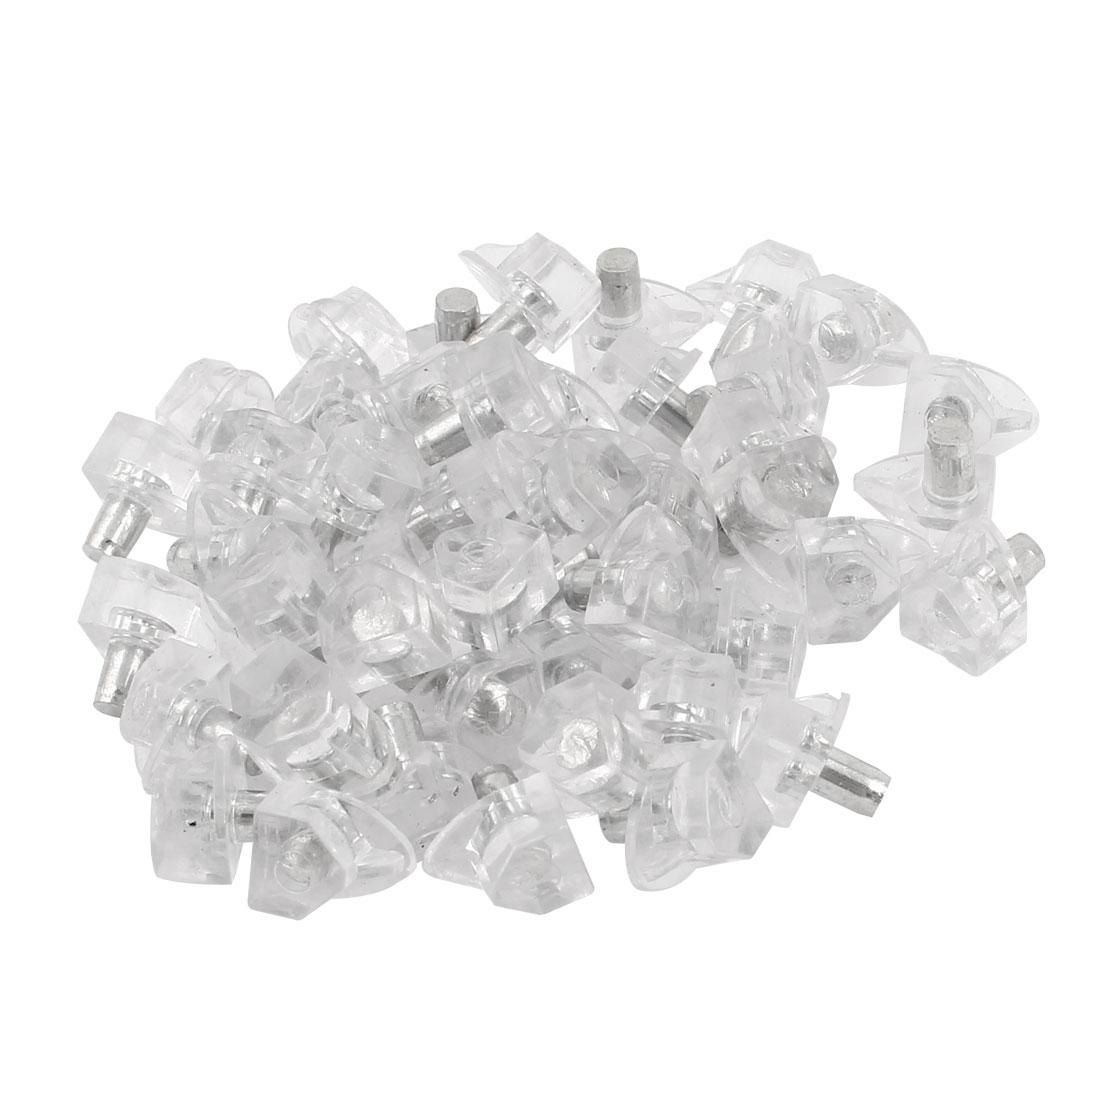 Clear Plastic Glass Studs Metal Shelf Support Peg Pin 5mm Dia 50 Pcs